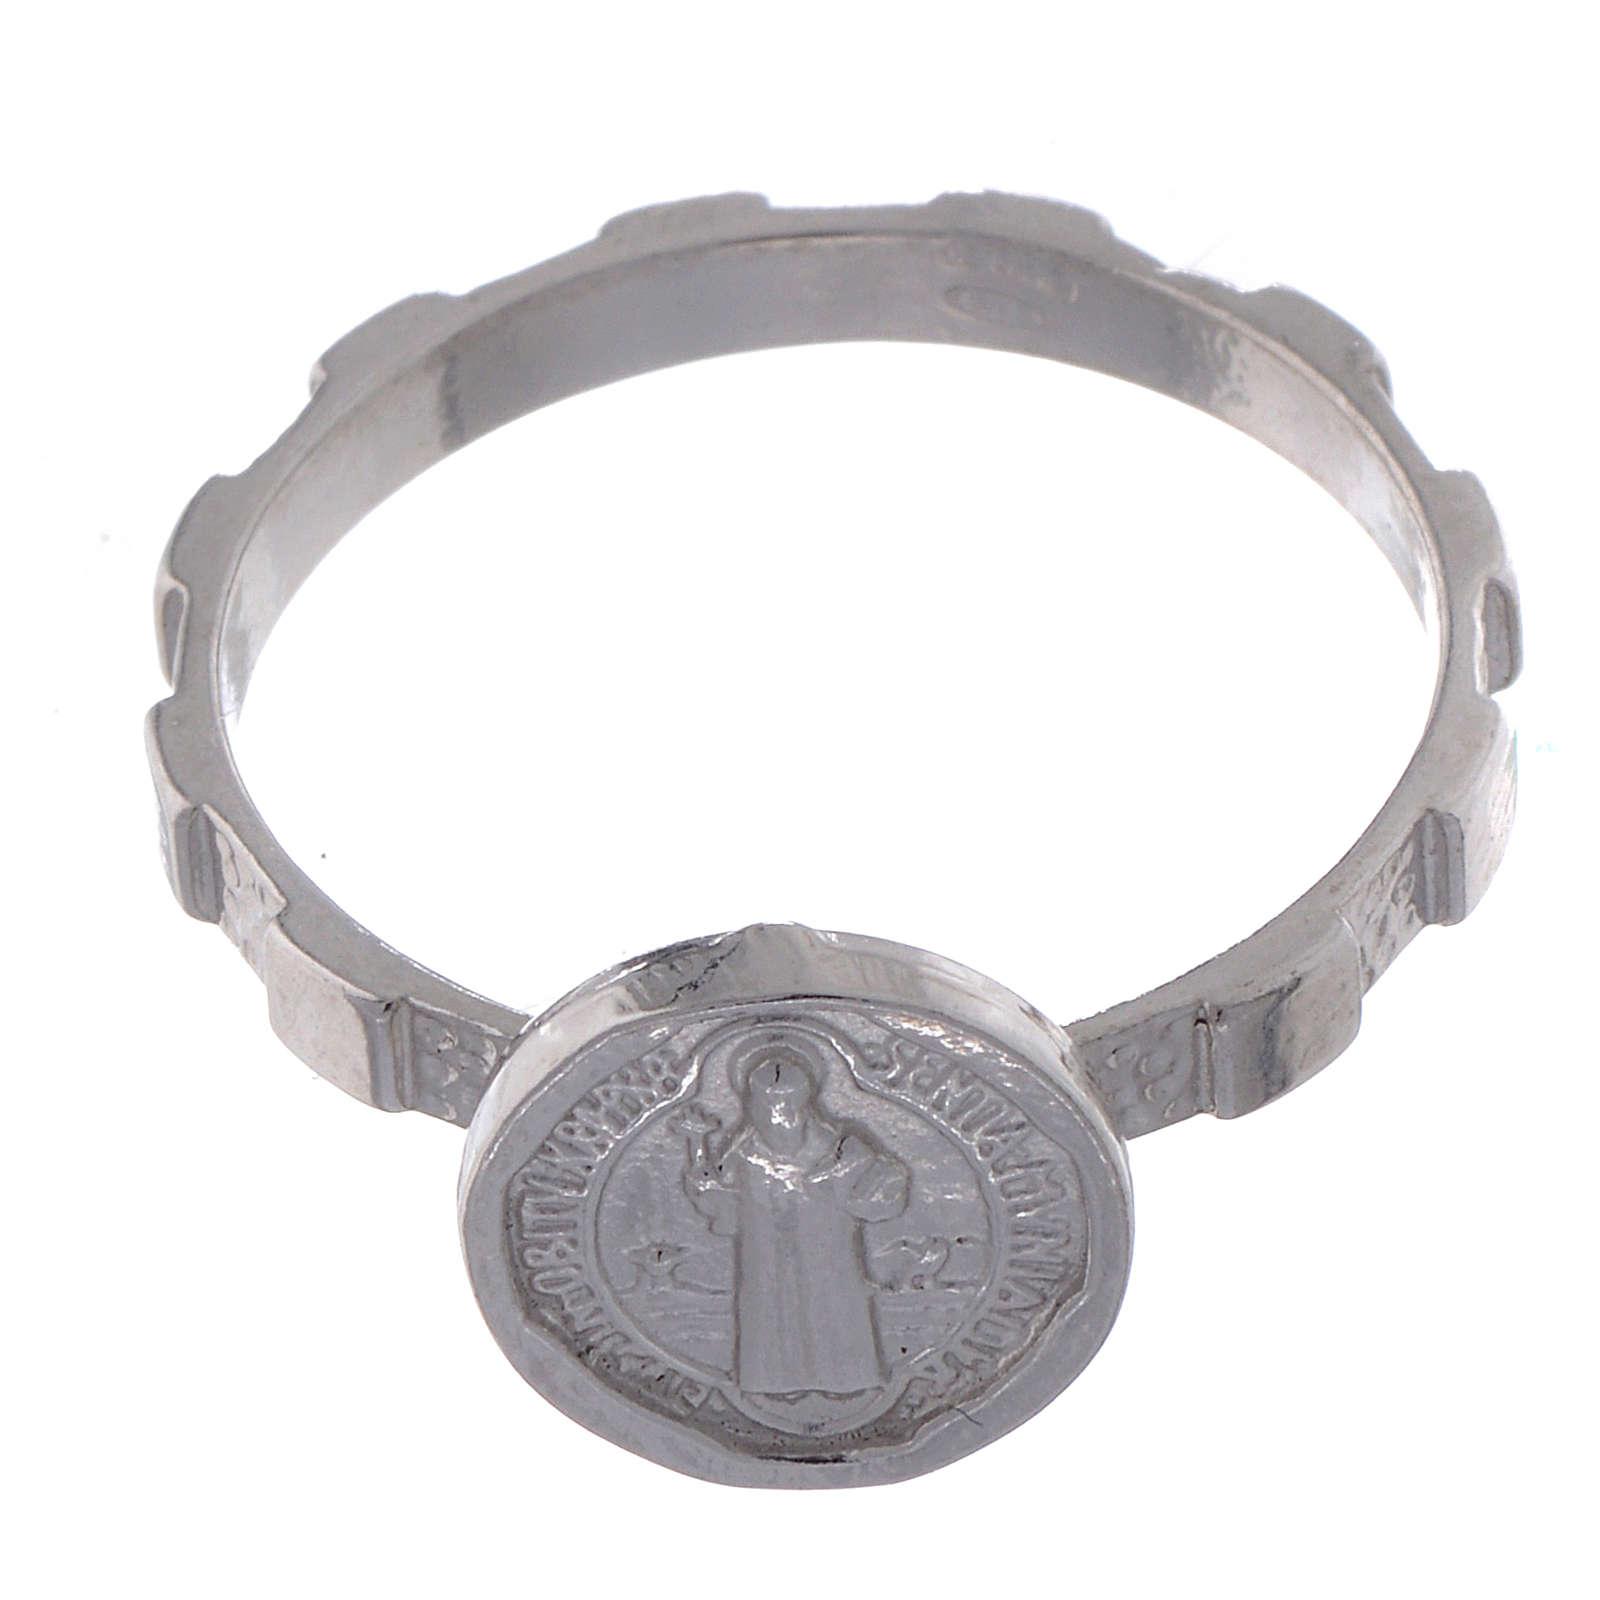 Bague en argent 925 avec médaille Saint Benoit 3